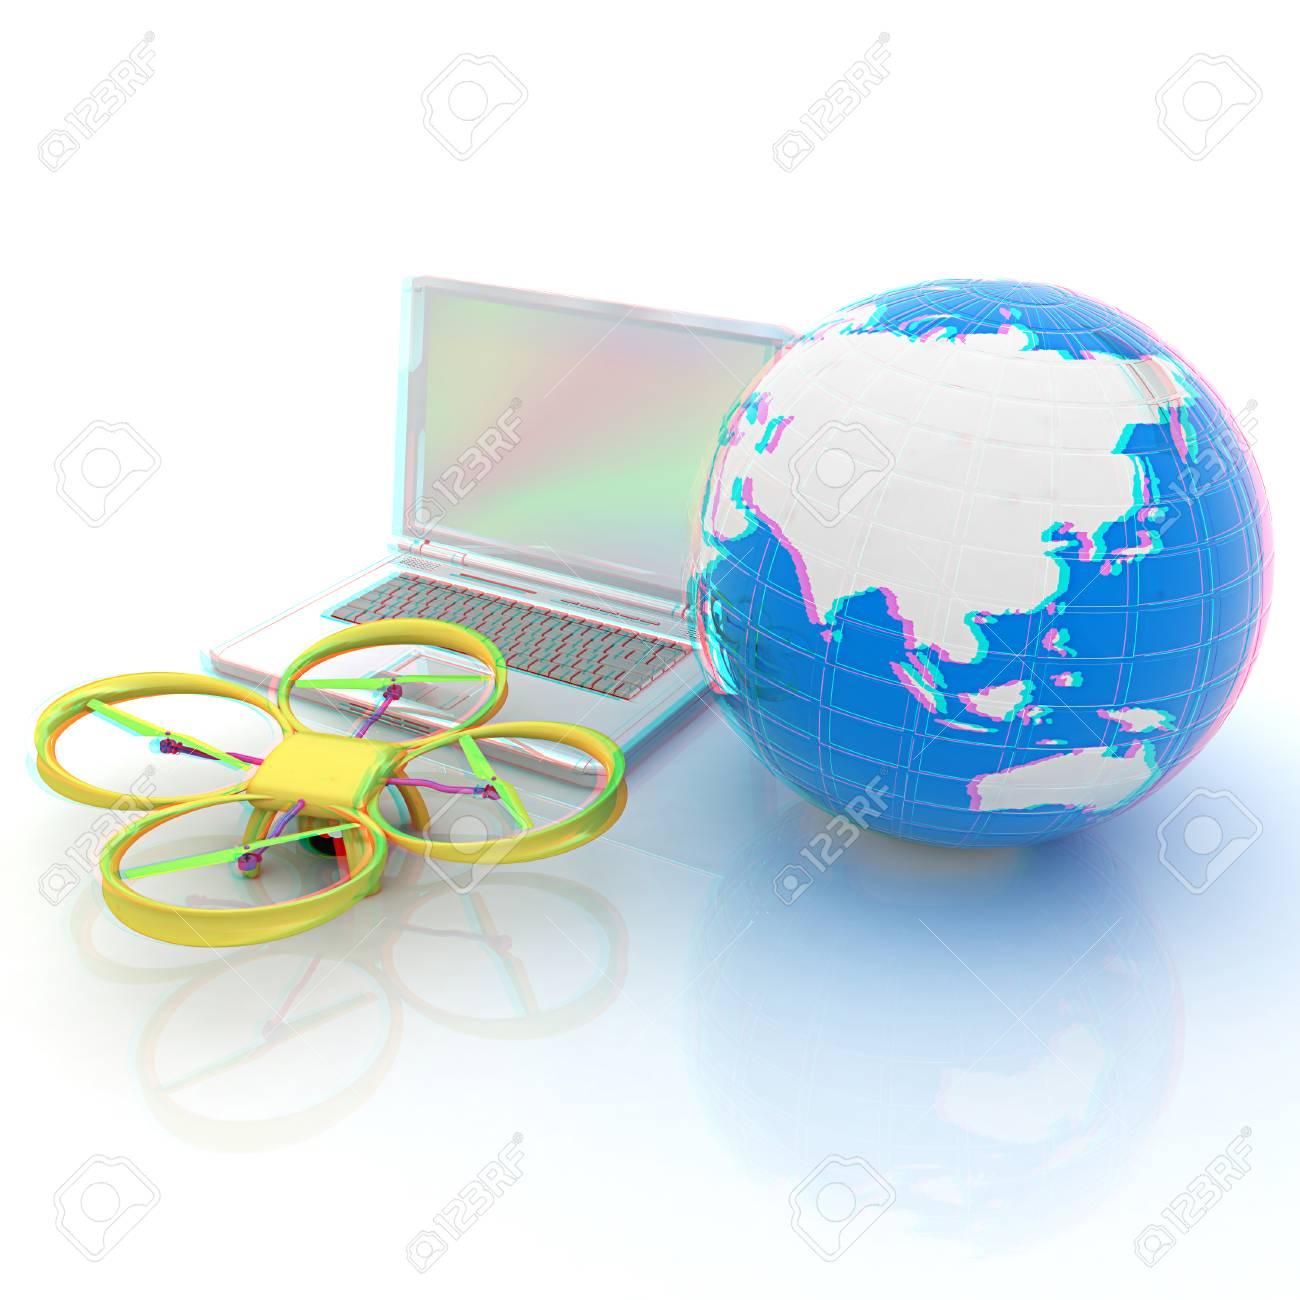 Red, En Línea, Compra, Compras Por Internet, Casa Inteligente.  Procesamiento 3d. Anáglifo. Ver Con Gafas De Color Rojo / Cian Para Ver En  3D.